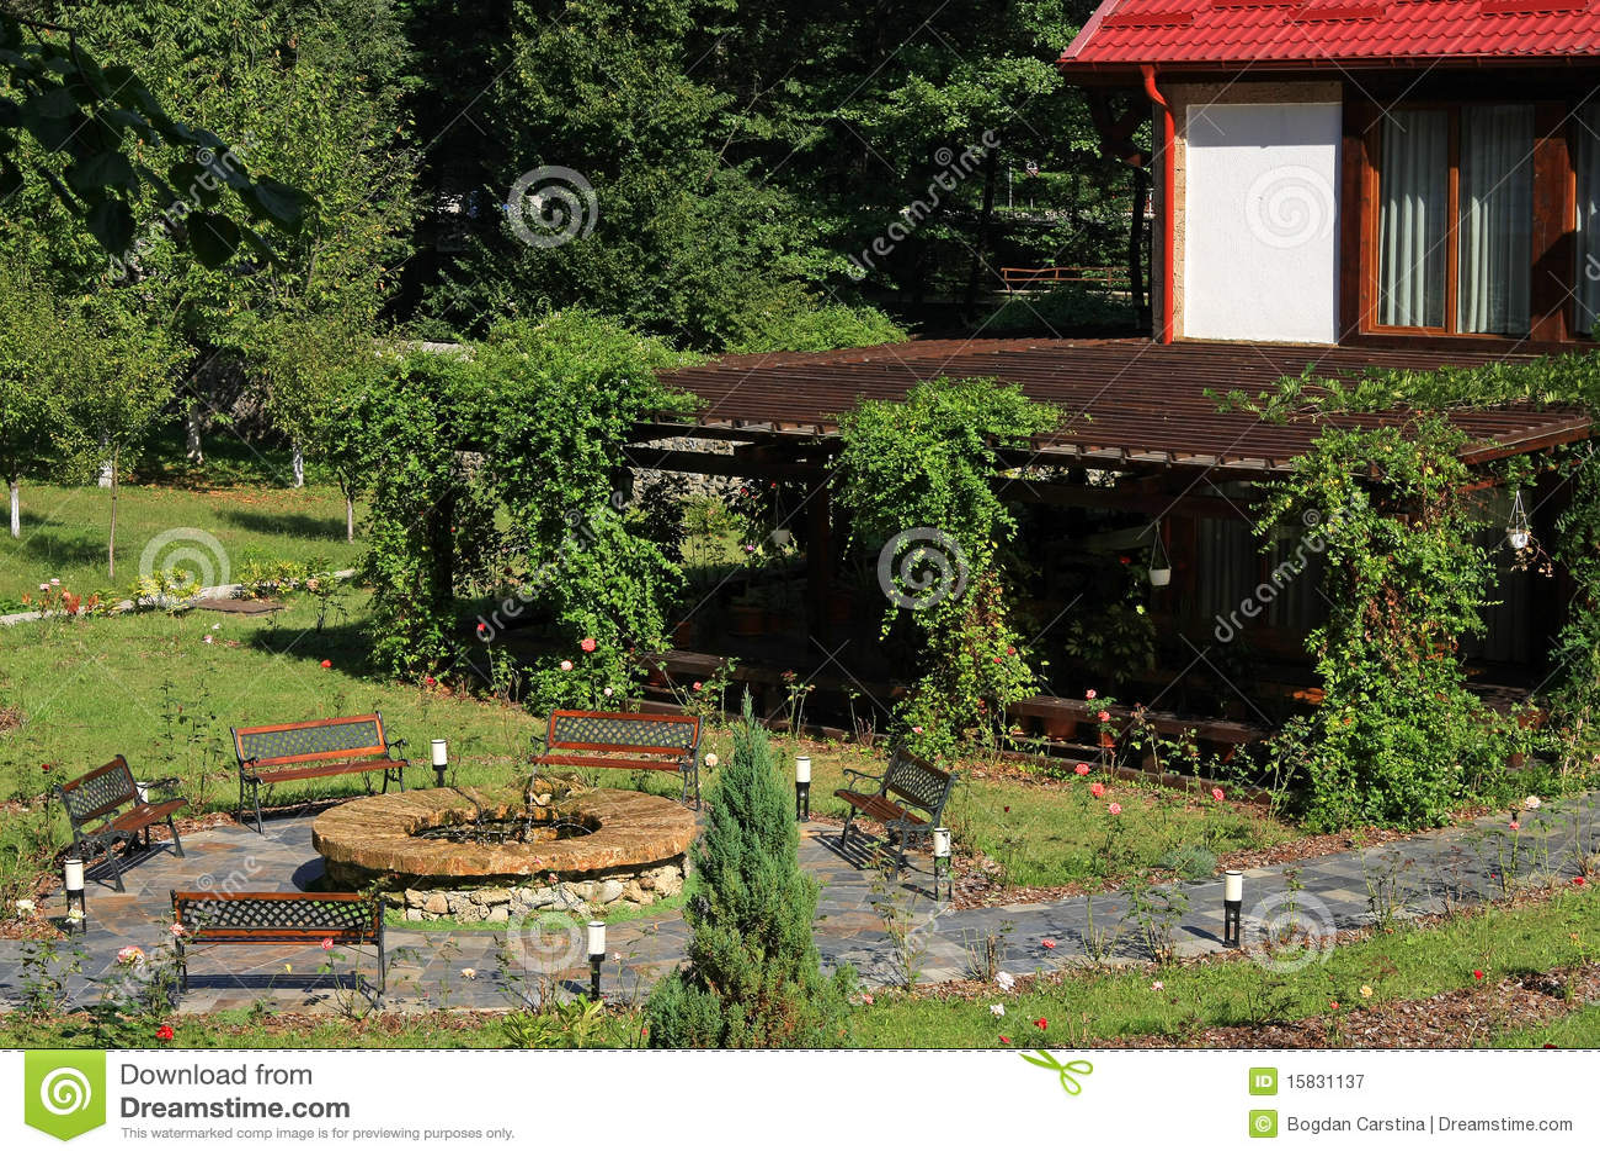 jardim quintal grande:Jardim grande com bancos, fonte e lotes do verde.